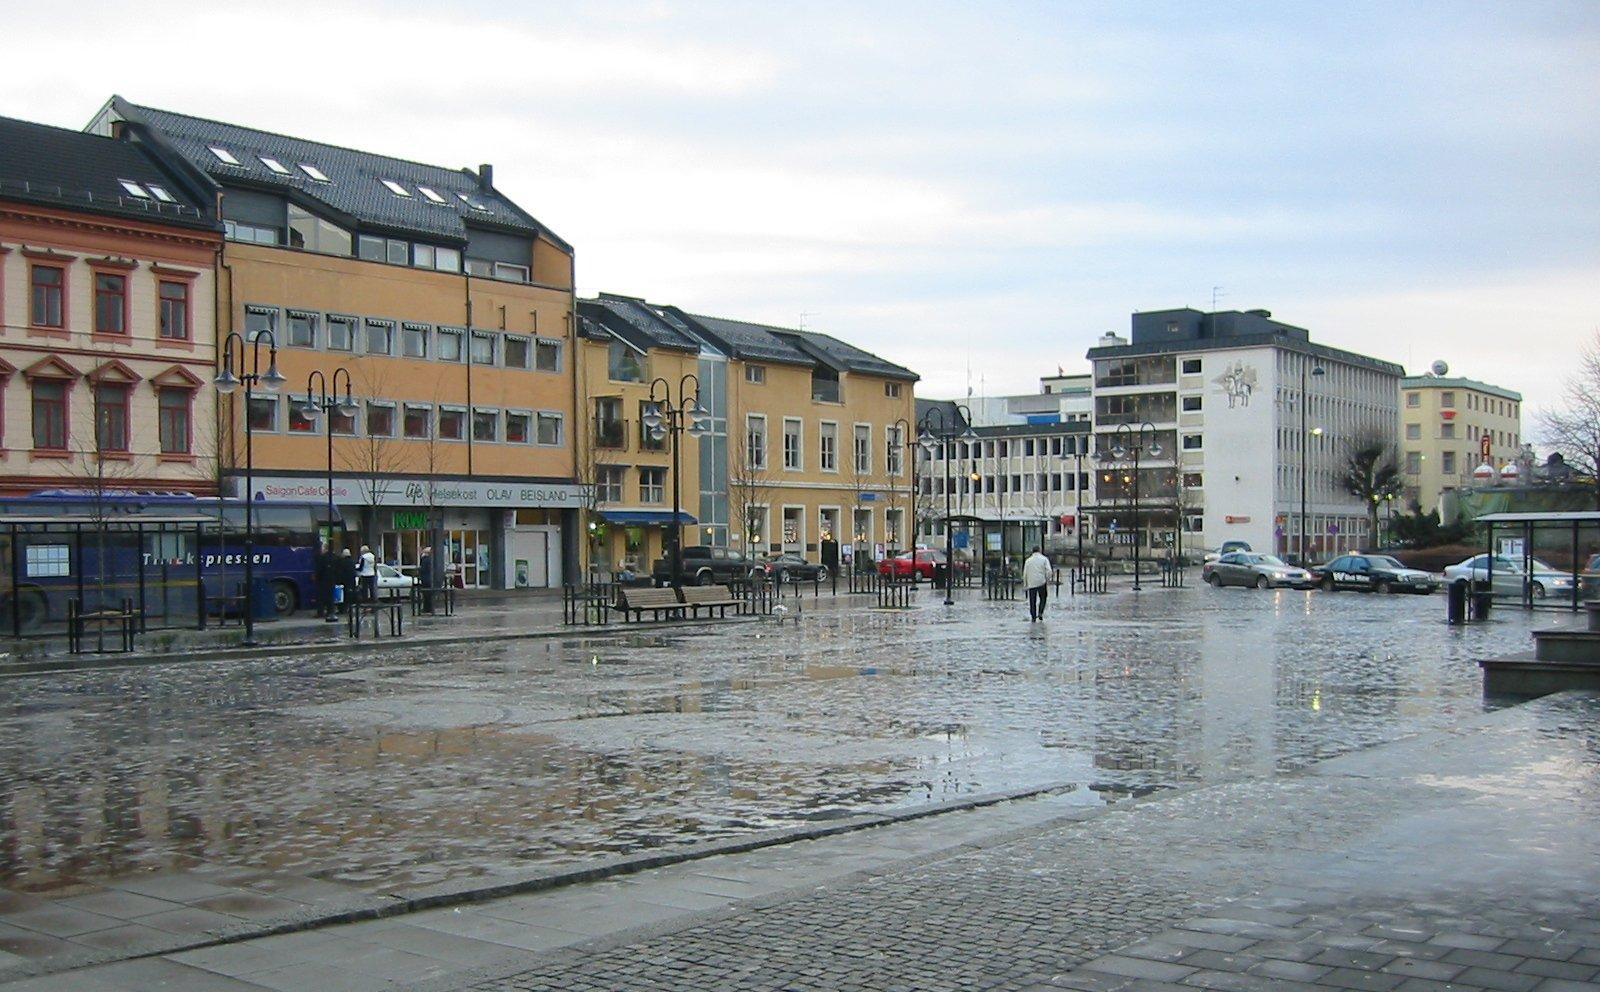 Hotel Von Sanden Booking Com